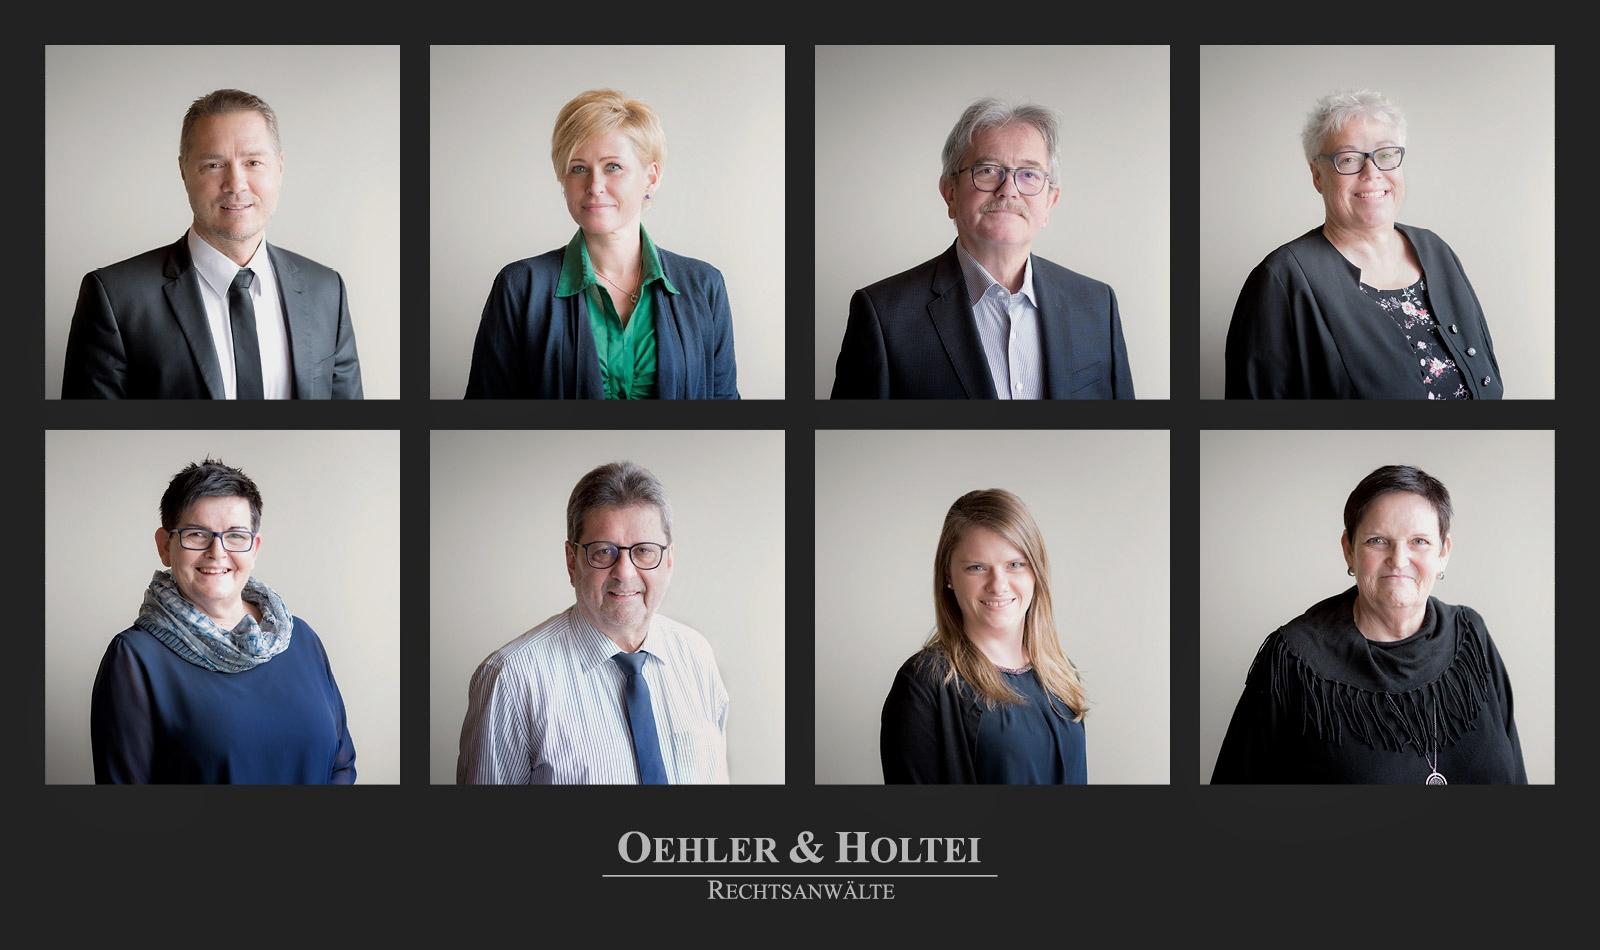 Fotografie: Business Portraits für Oehler & Holtei Rechtsanwälte